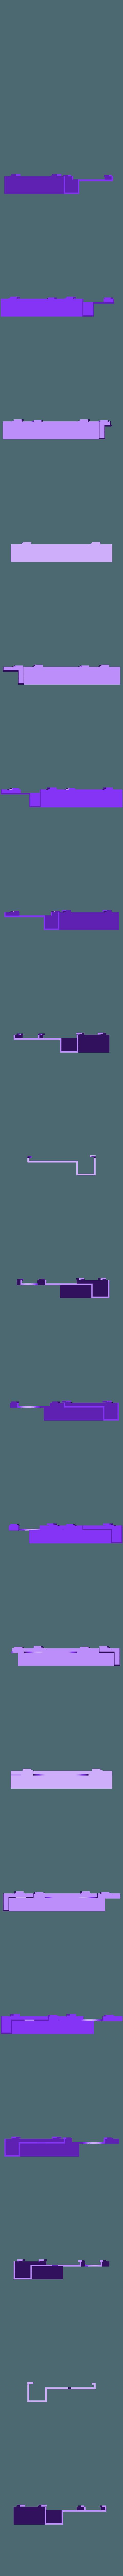 small_battery_mount.stl Télécharger fichier STL gratuit EPIC 6 stage coilgun • Objet pour impression 3D, Gyro